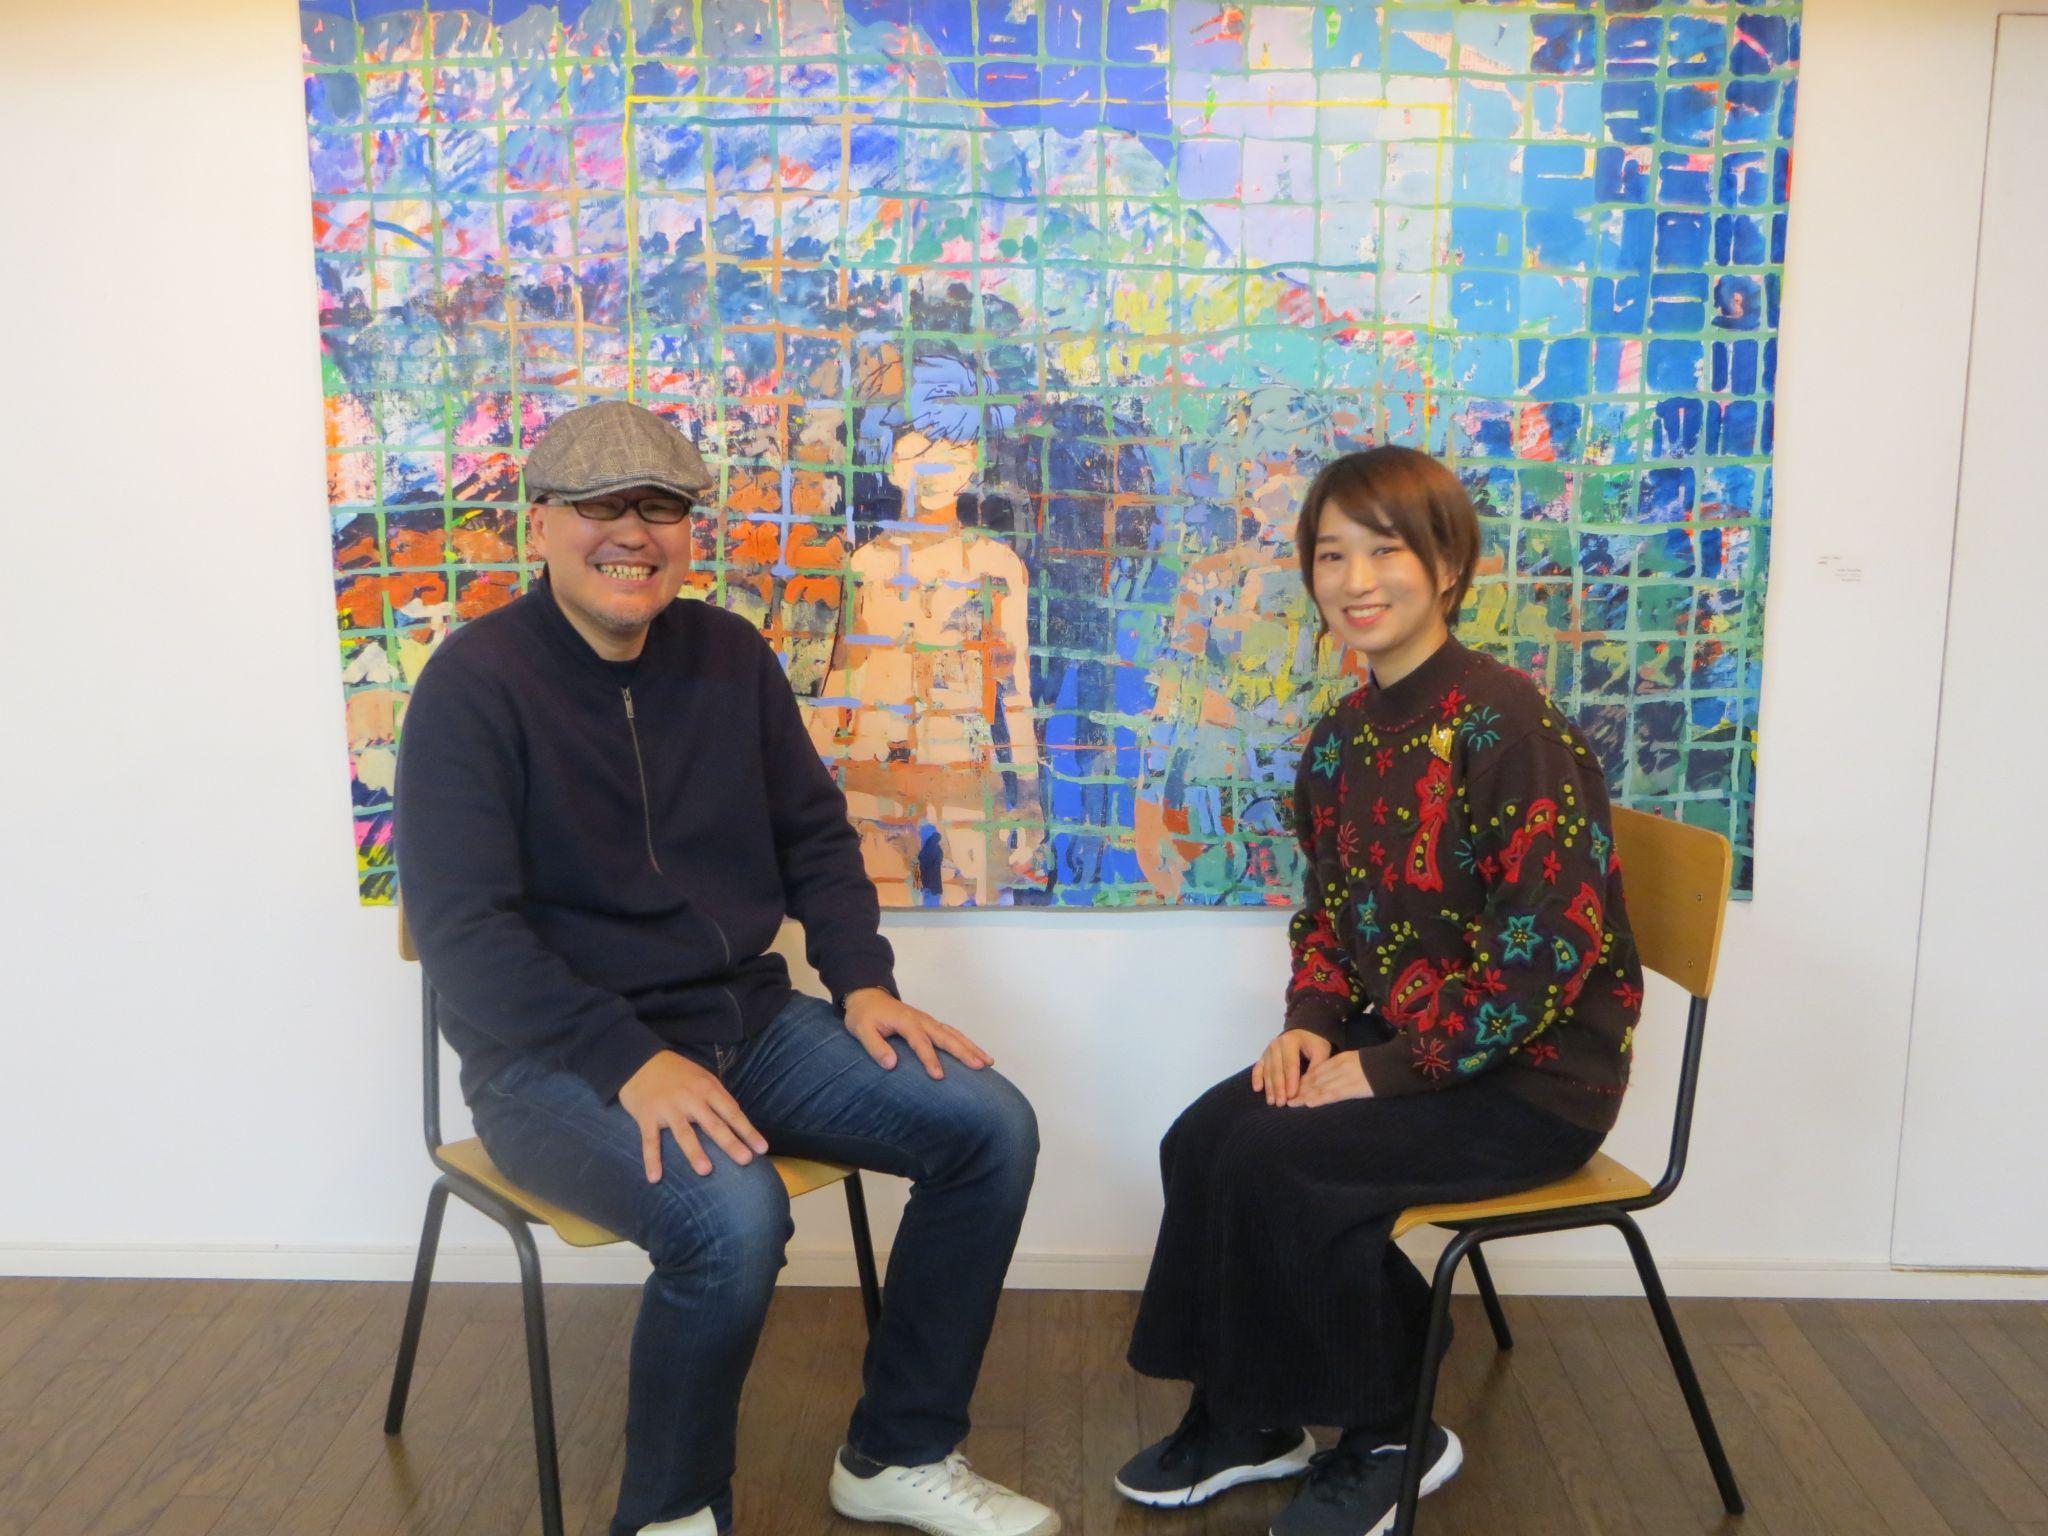 美術の店長 大槻香奈さんインタビュー – Cafe LOSER カフェ・ルーザー